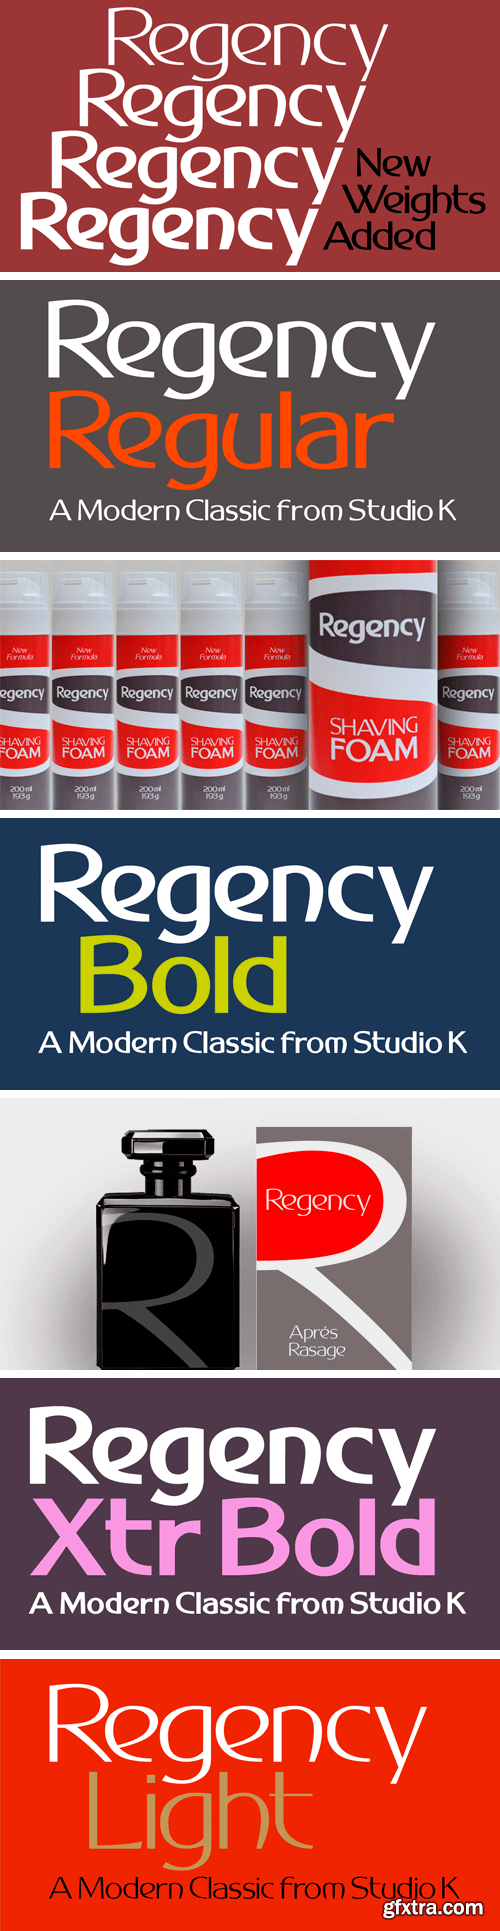 Regency Font Family